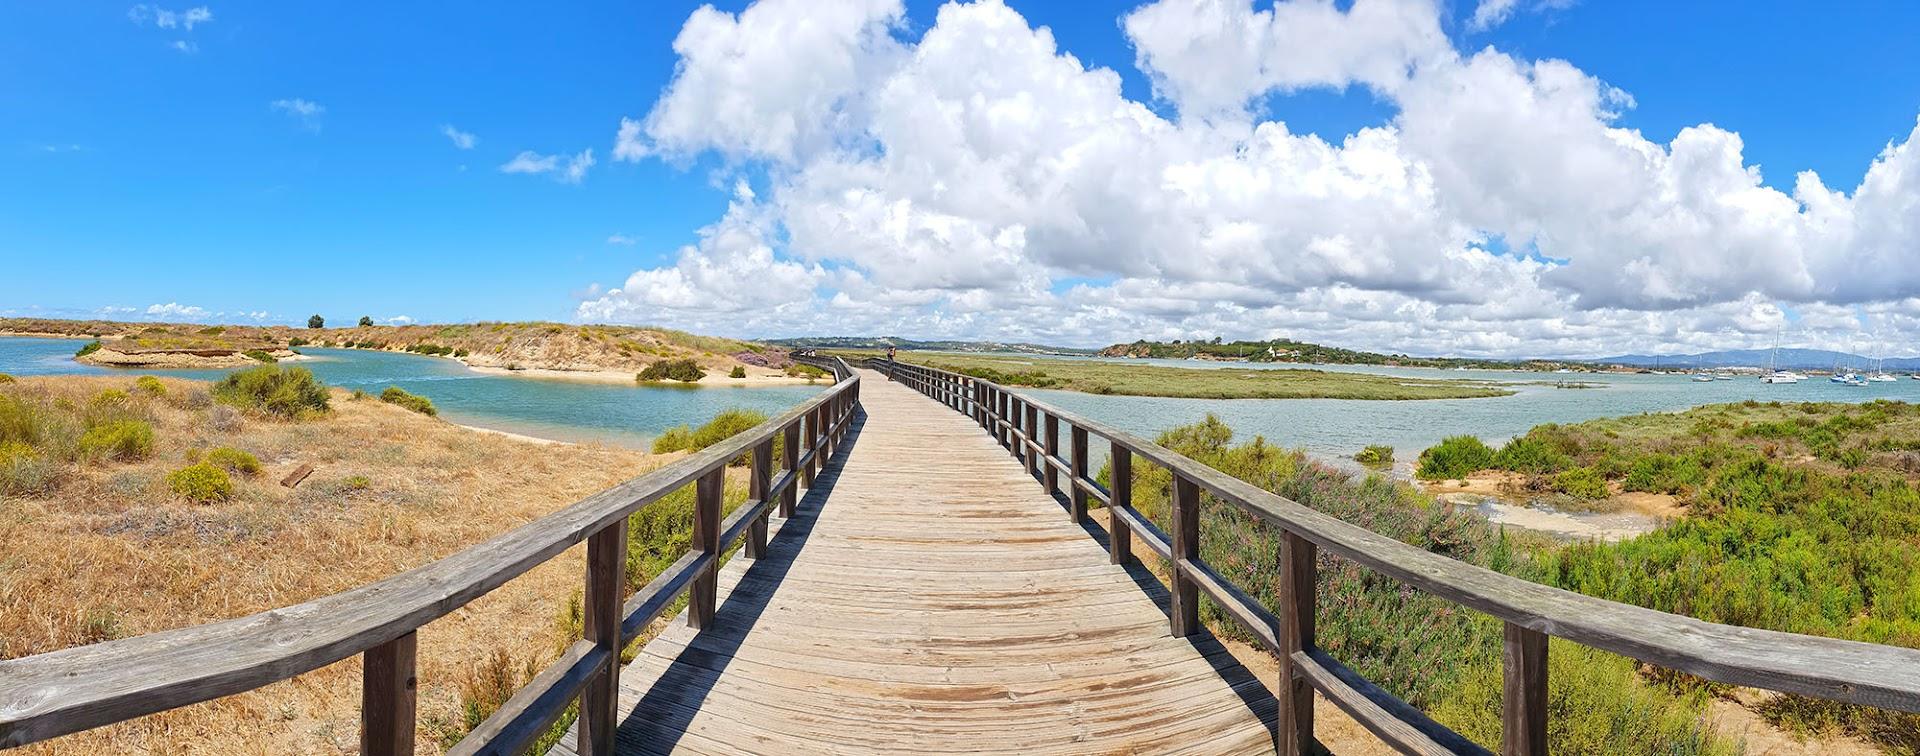 Os melhores PASSADIÇOS DE PORTUGAL | Da praia à montanha e às fragas vertiginosas do nosso país